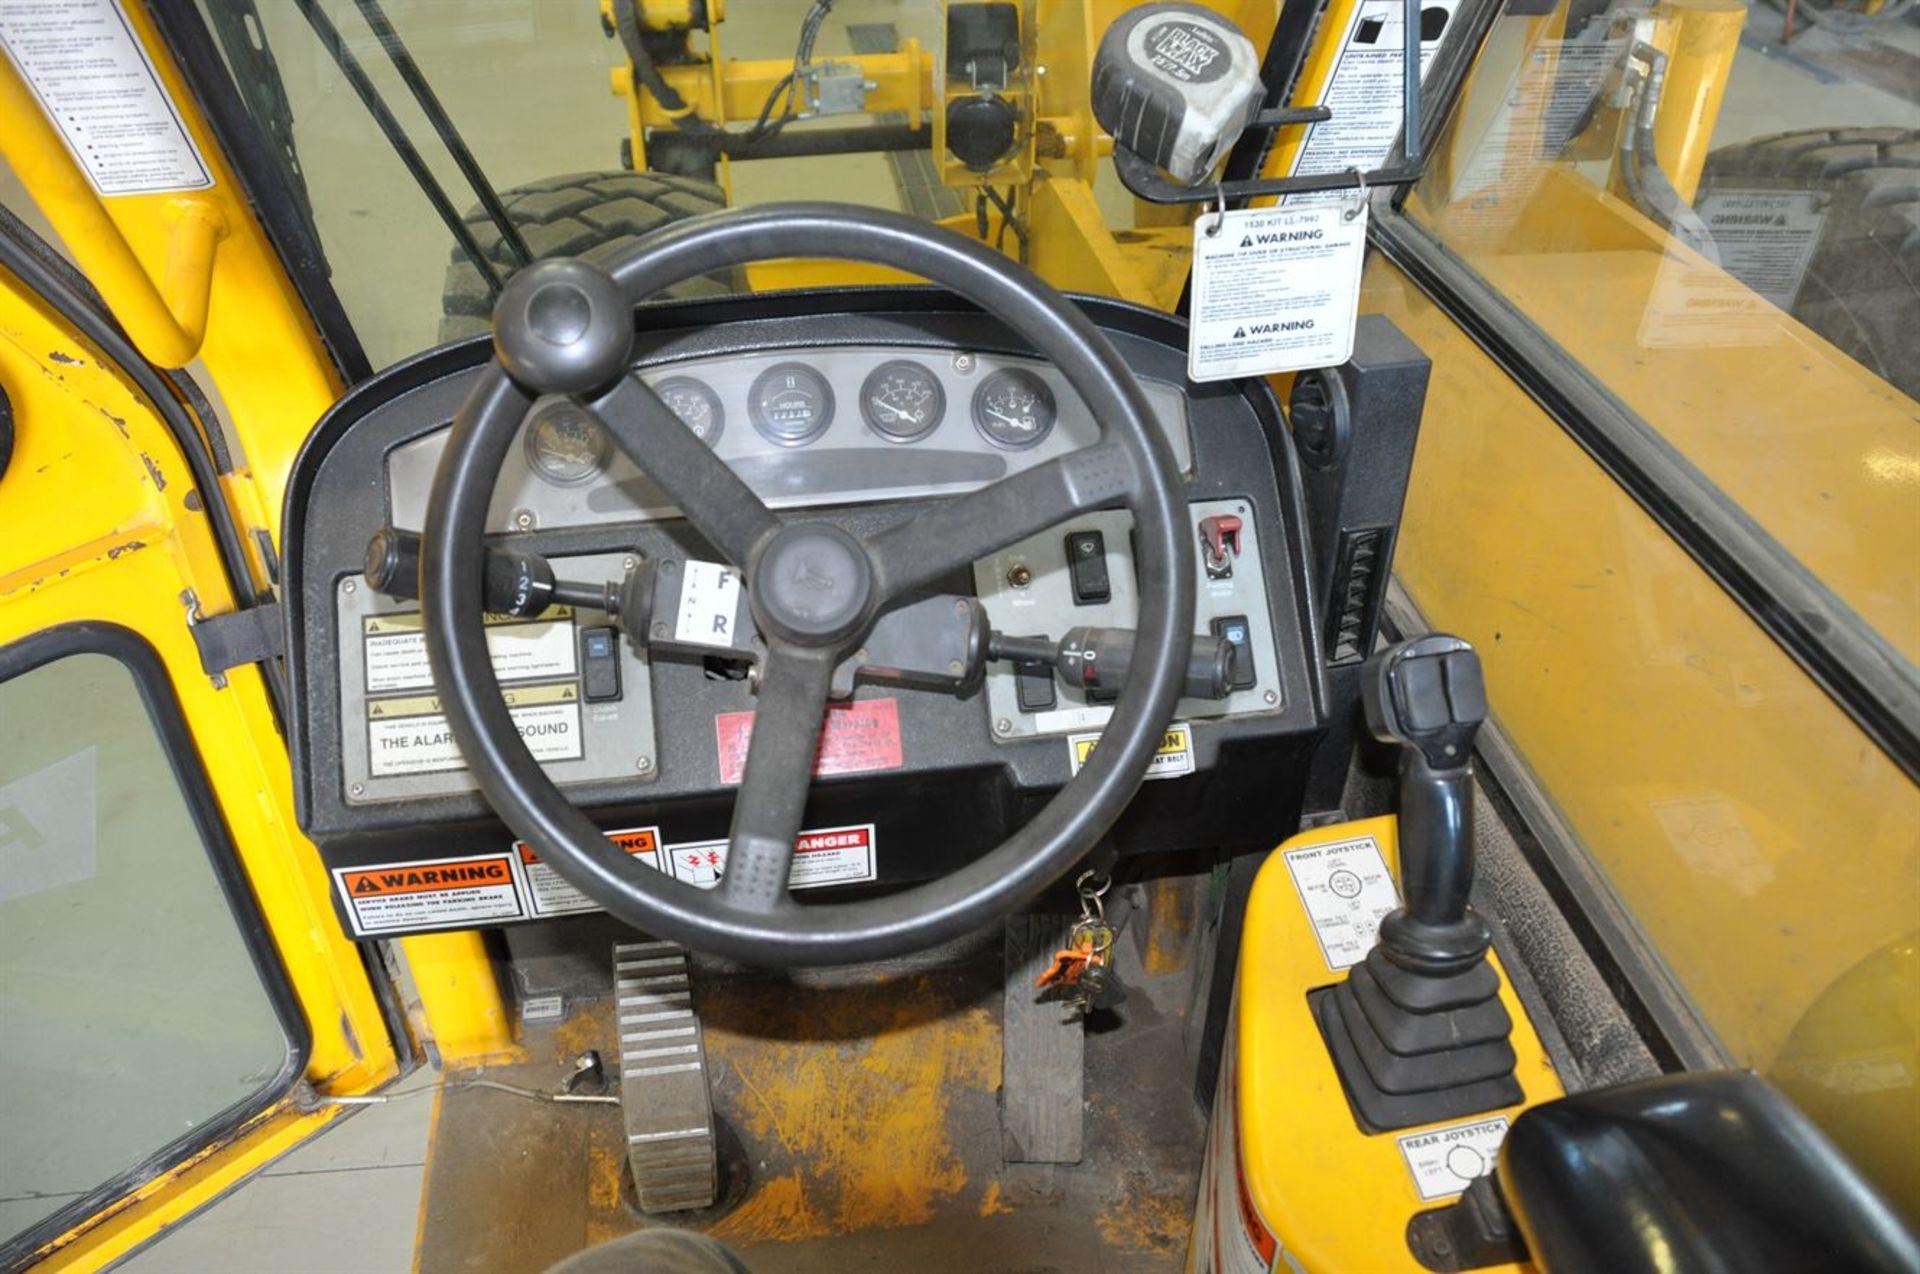 2012 PETTIBONE 1530 EXTENDO Diesel Pipe TeleHandler, s/n EX10230-12, w/ Pipe Clamp Forks, Max Load – - Image 6 of 7